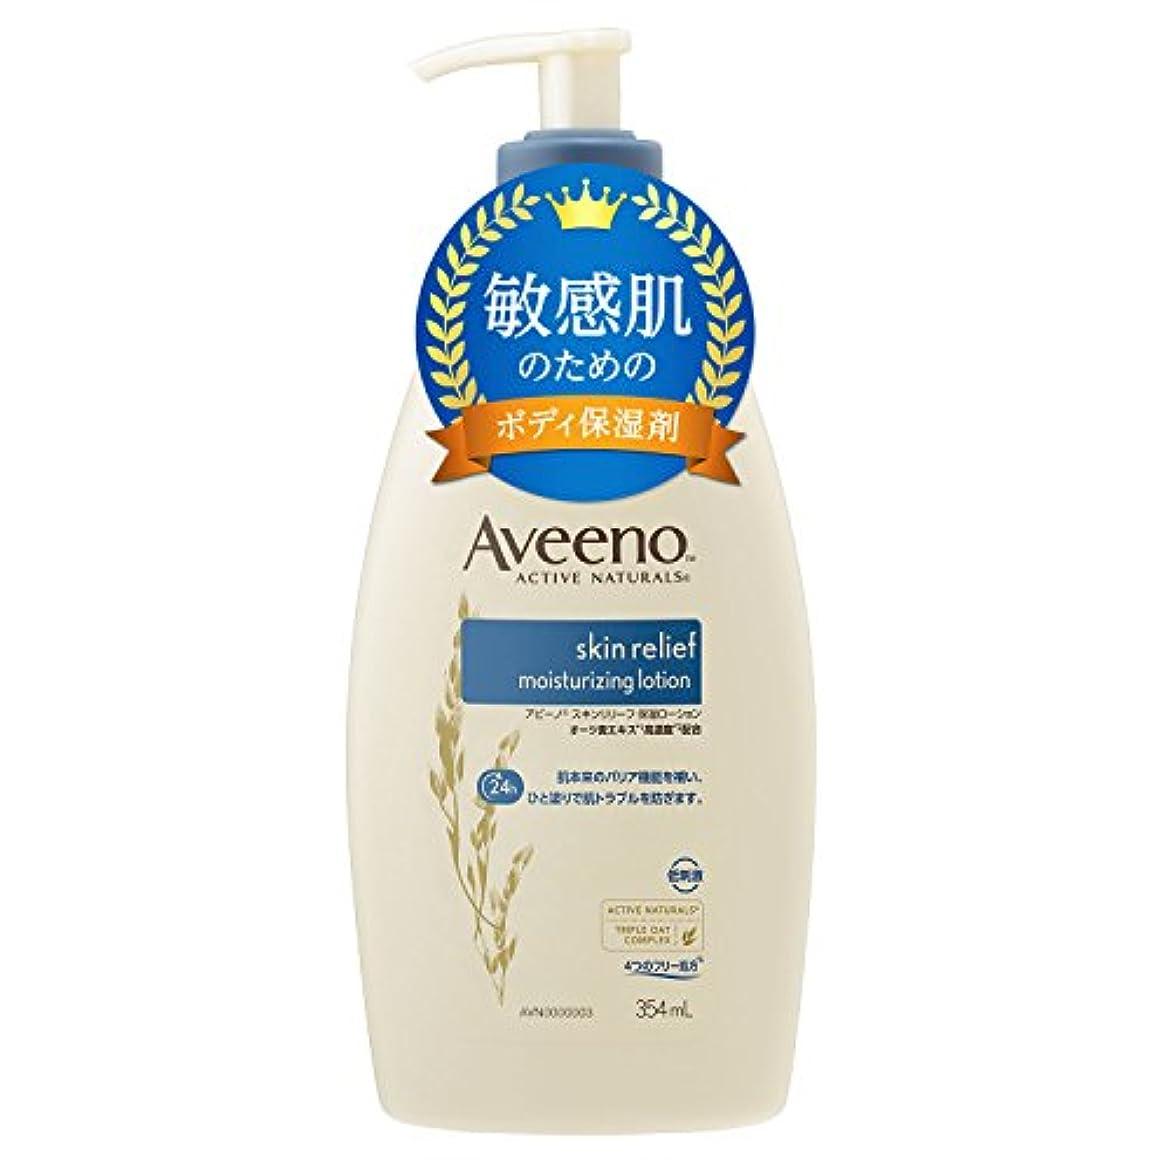 砂いじめっ子満了【Amazon.co.jp限定】Aveeno(アビーノ) スキンリリーフ 保湿ローション 354ml 【極度の乾燥肌、敏感肌の方向け】